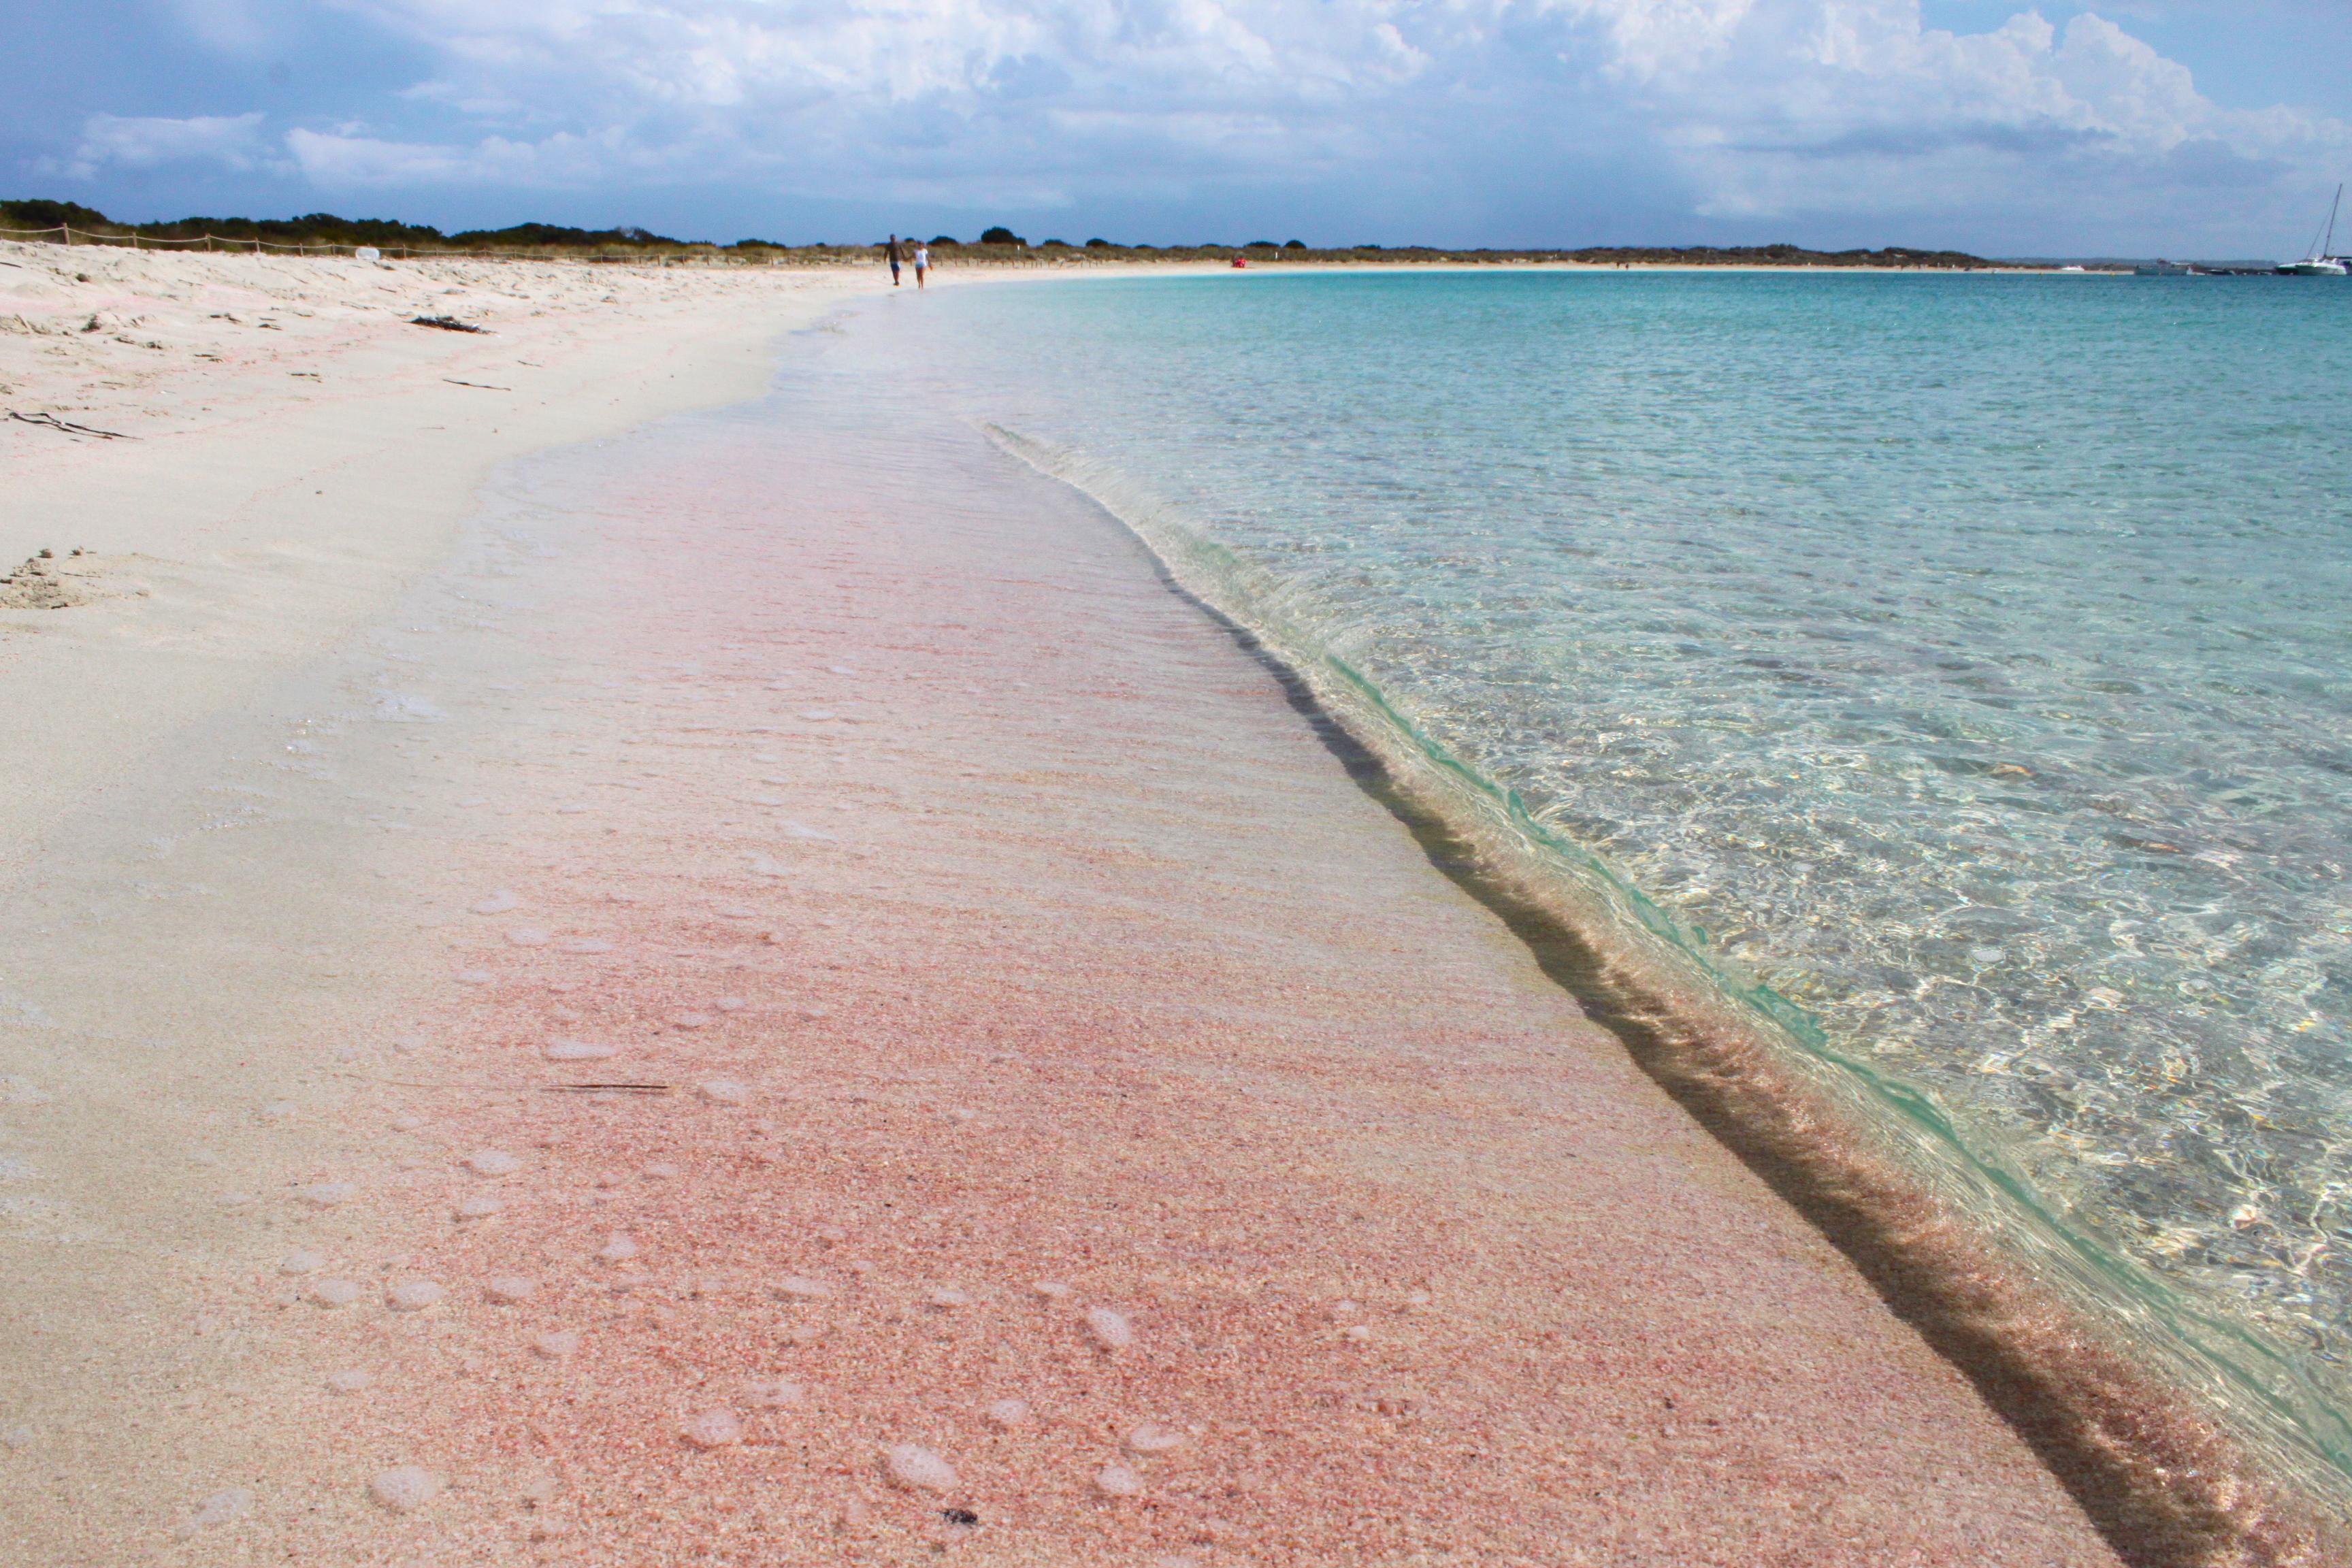 Una delle spiagge più belle di sempre, Espalmador